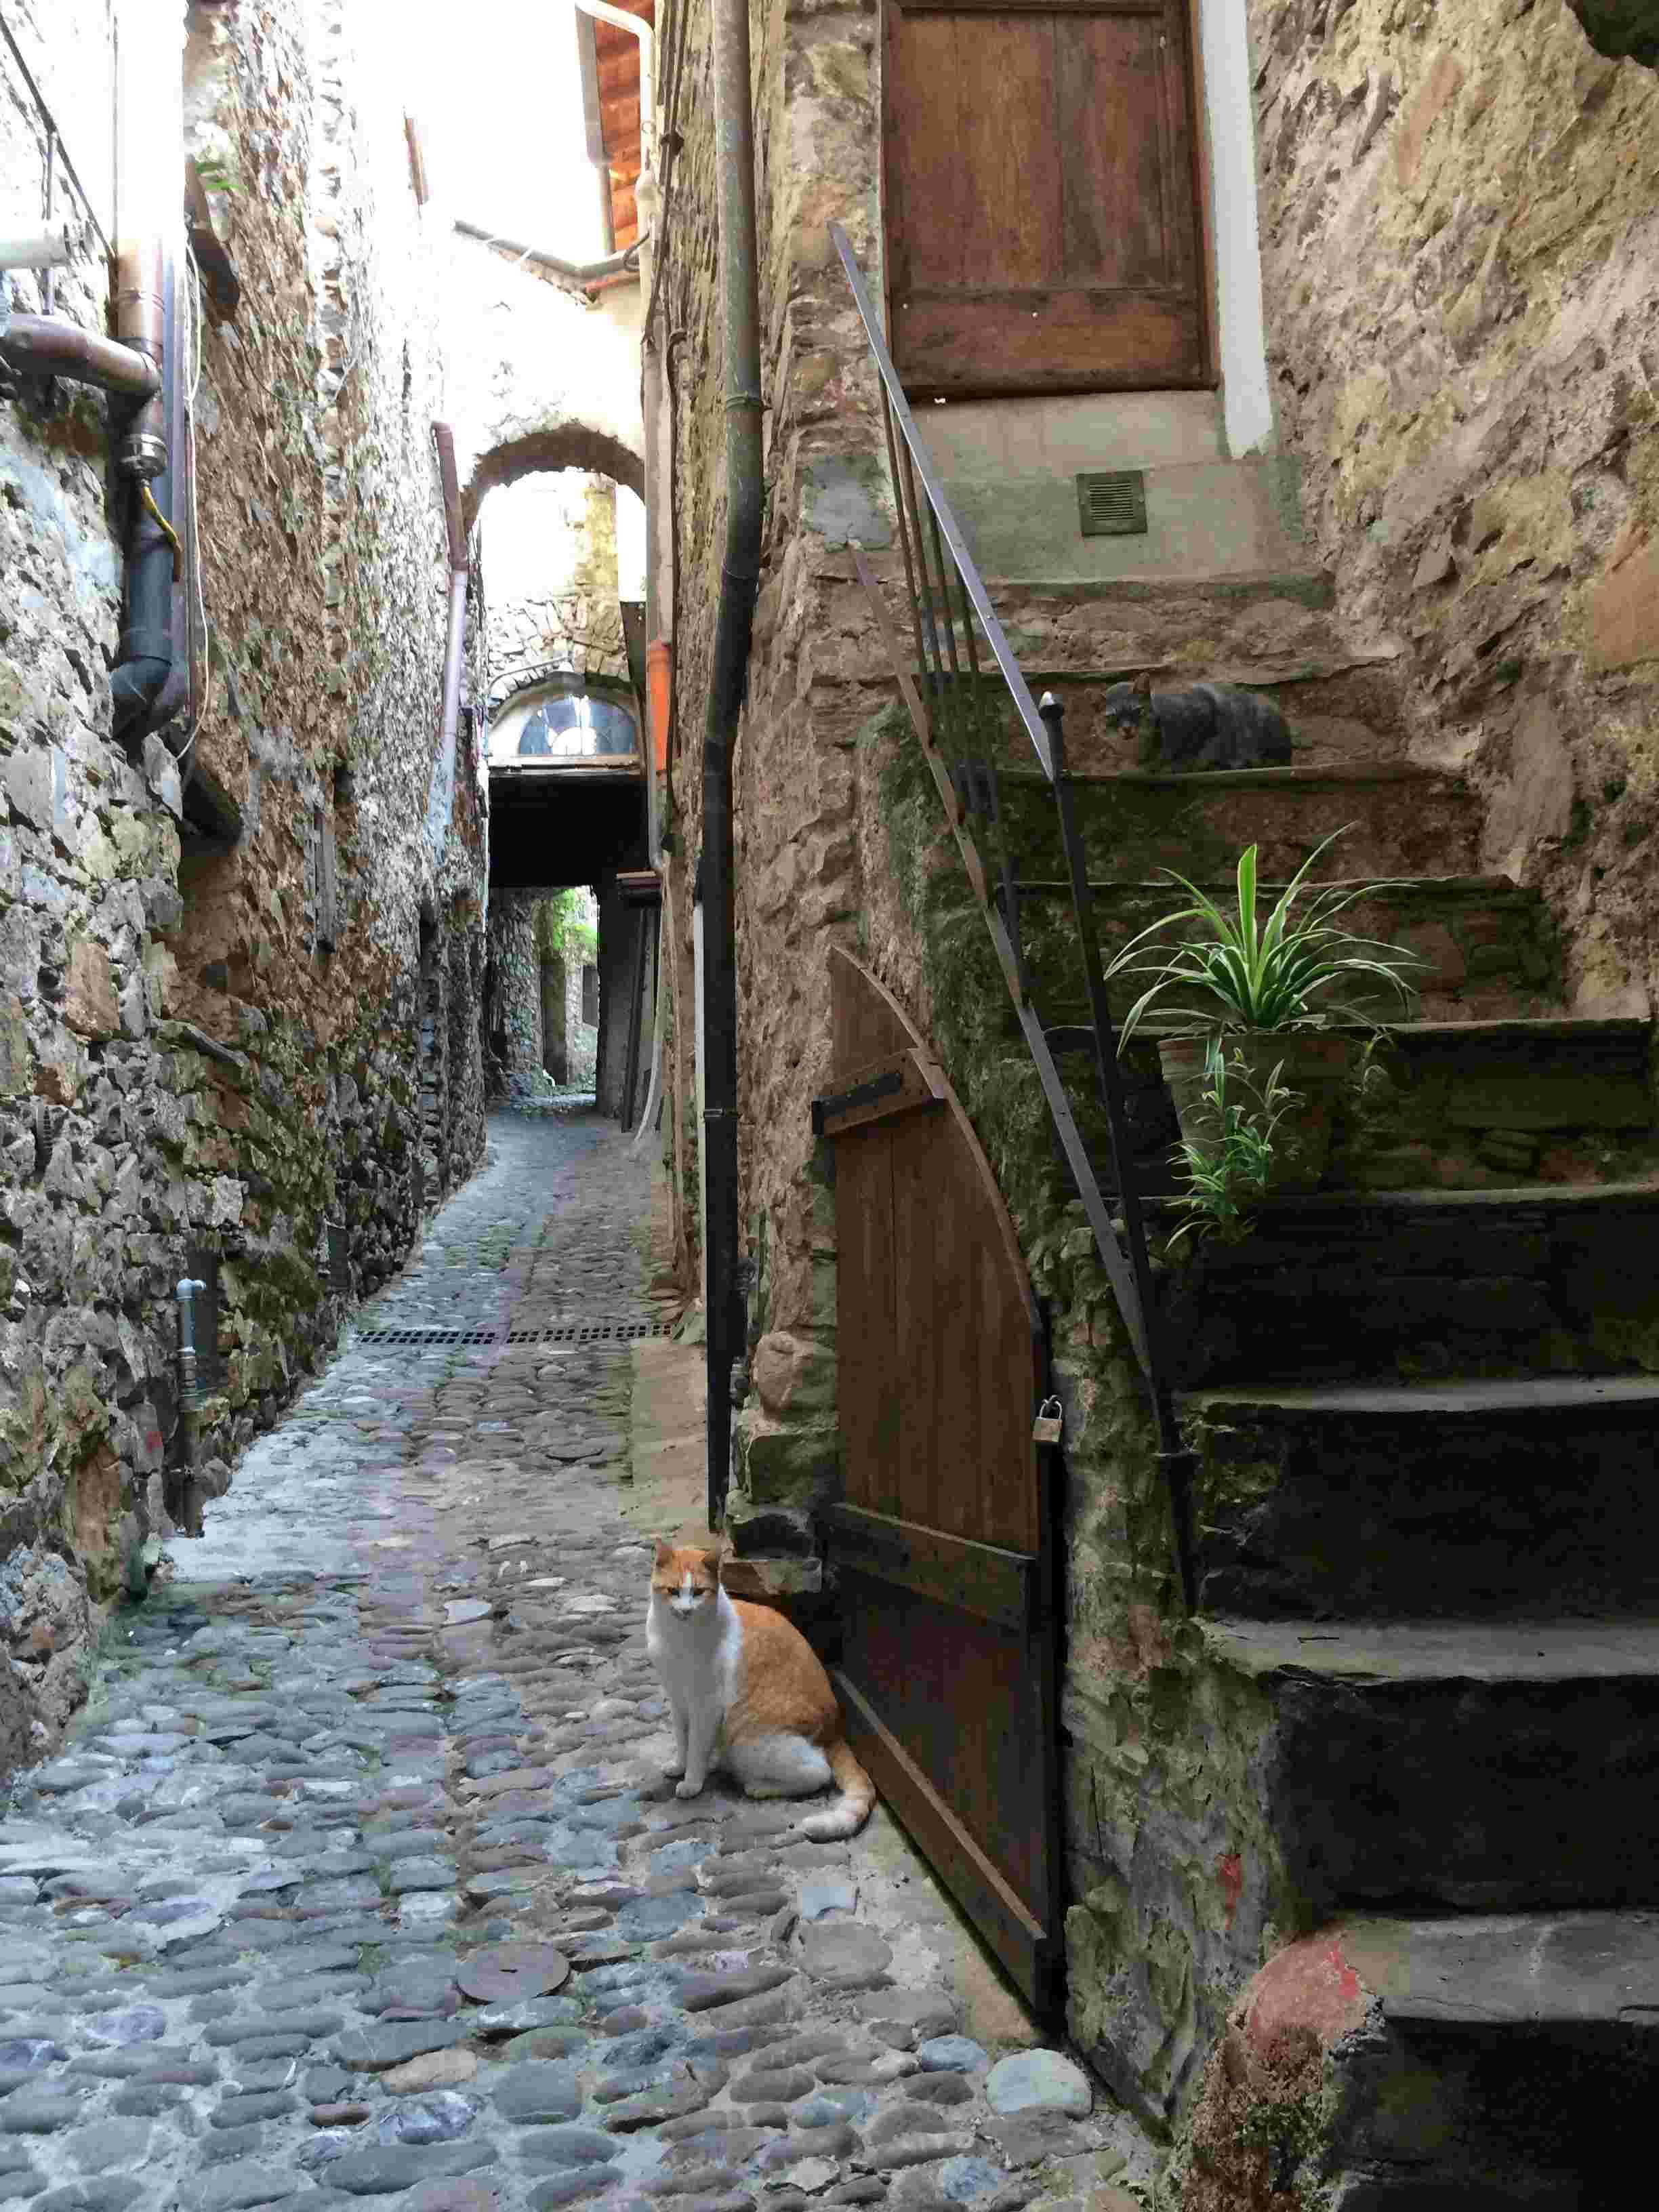 Apricale, le plus beau village d'Italie Aprica14